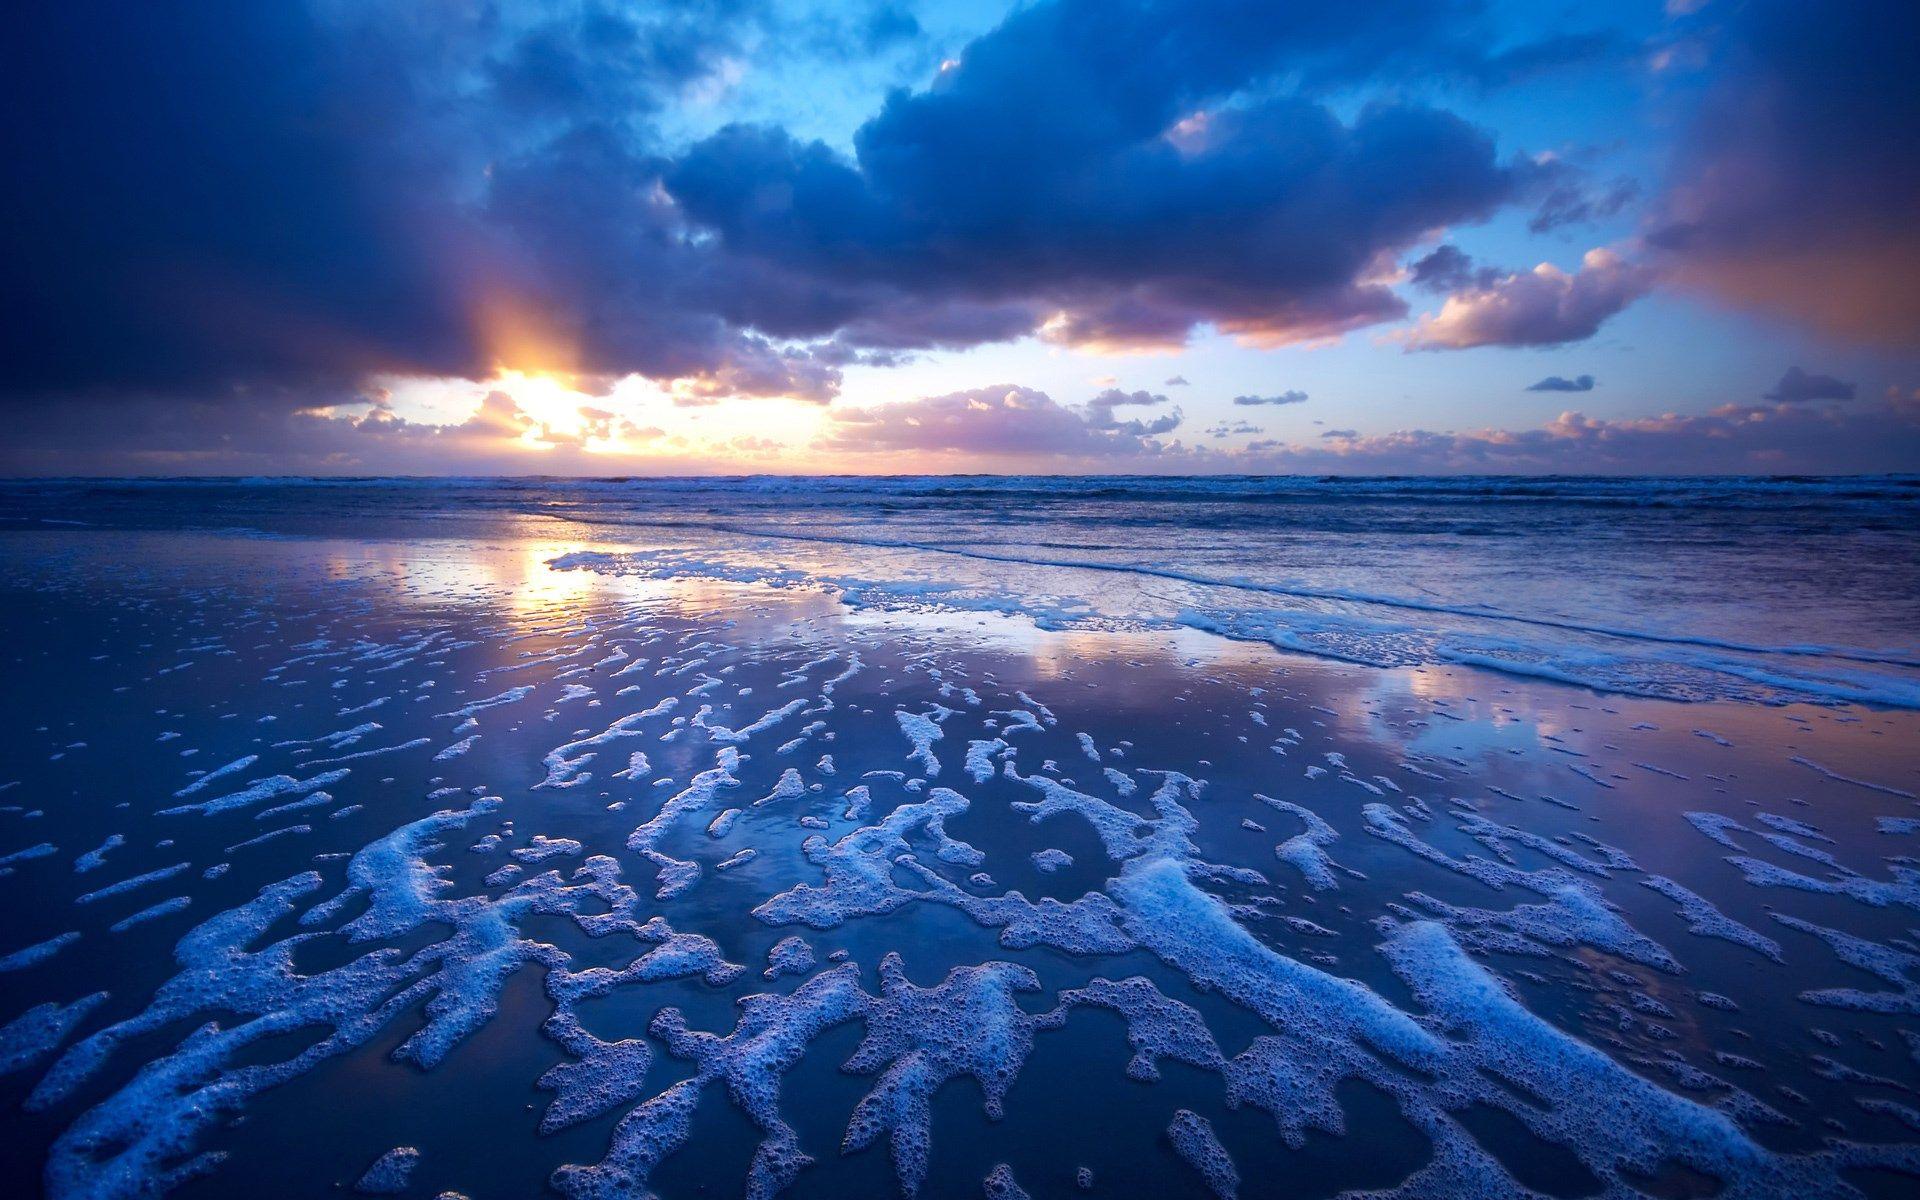 Sunset Desktop Wallpaper Macbook Air Wallpaper Beach Wallpaper Ocean Backgrounds